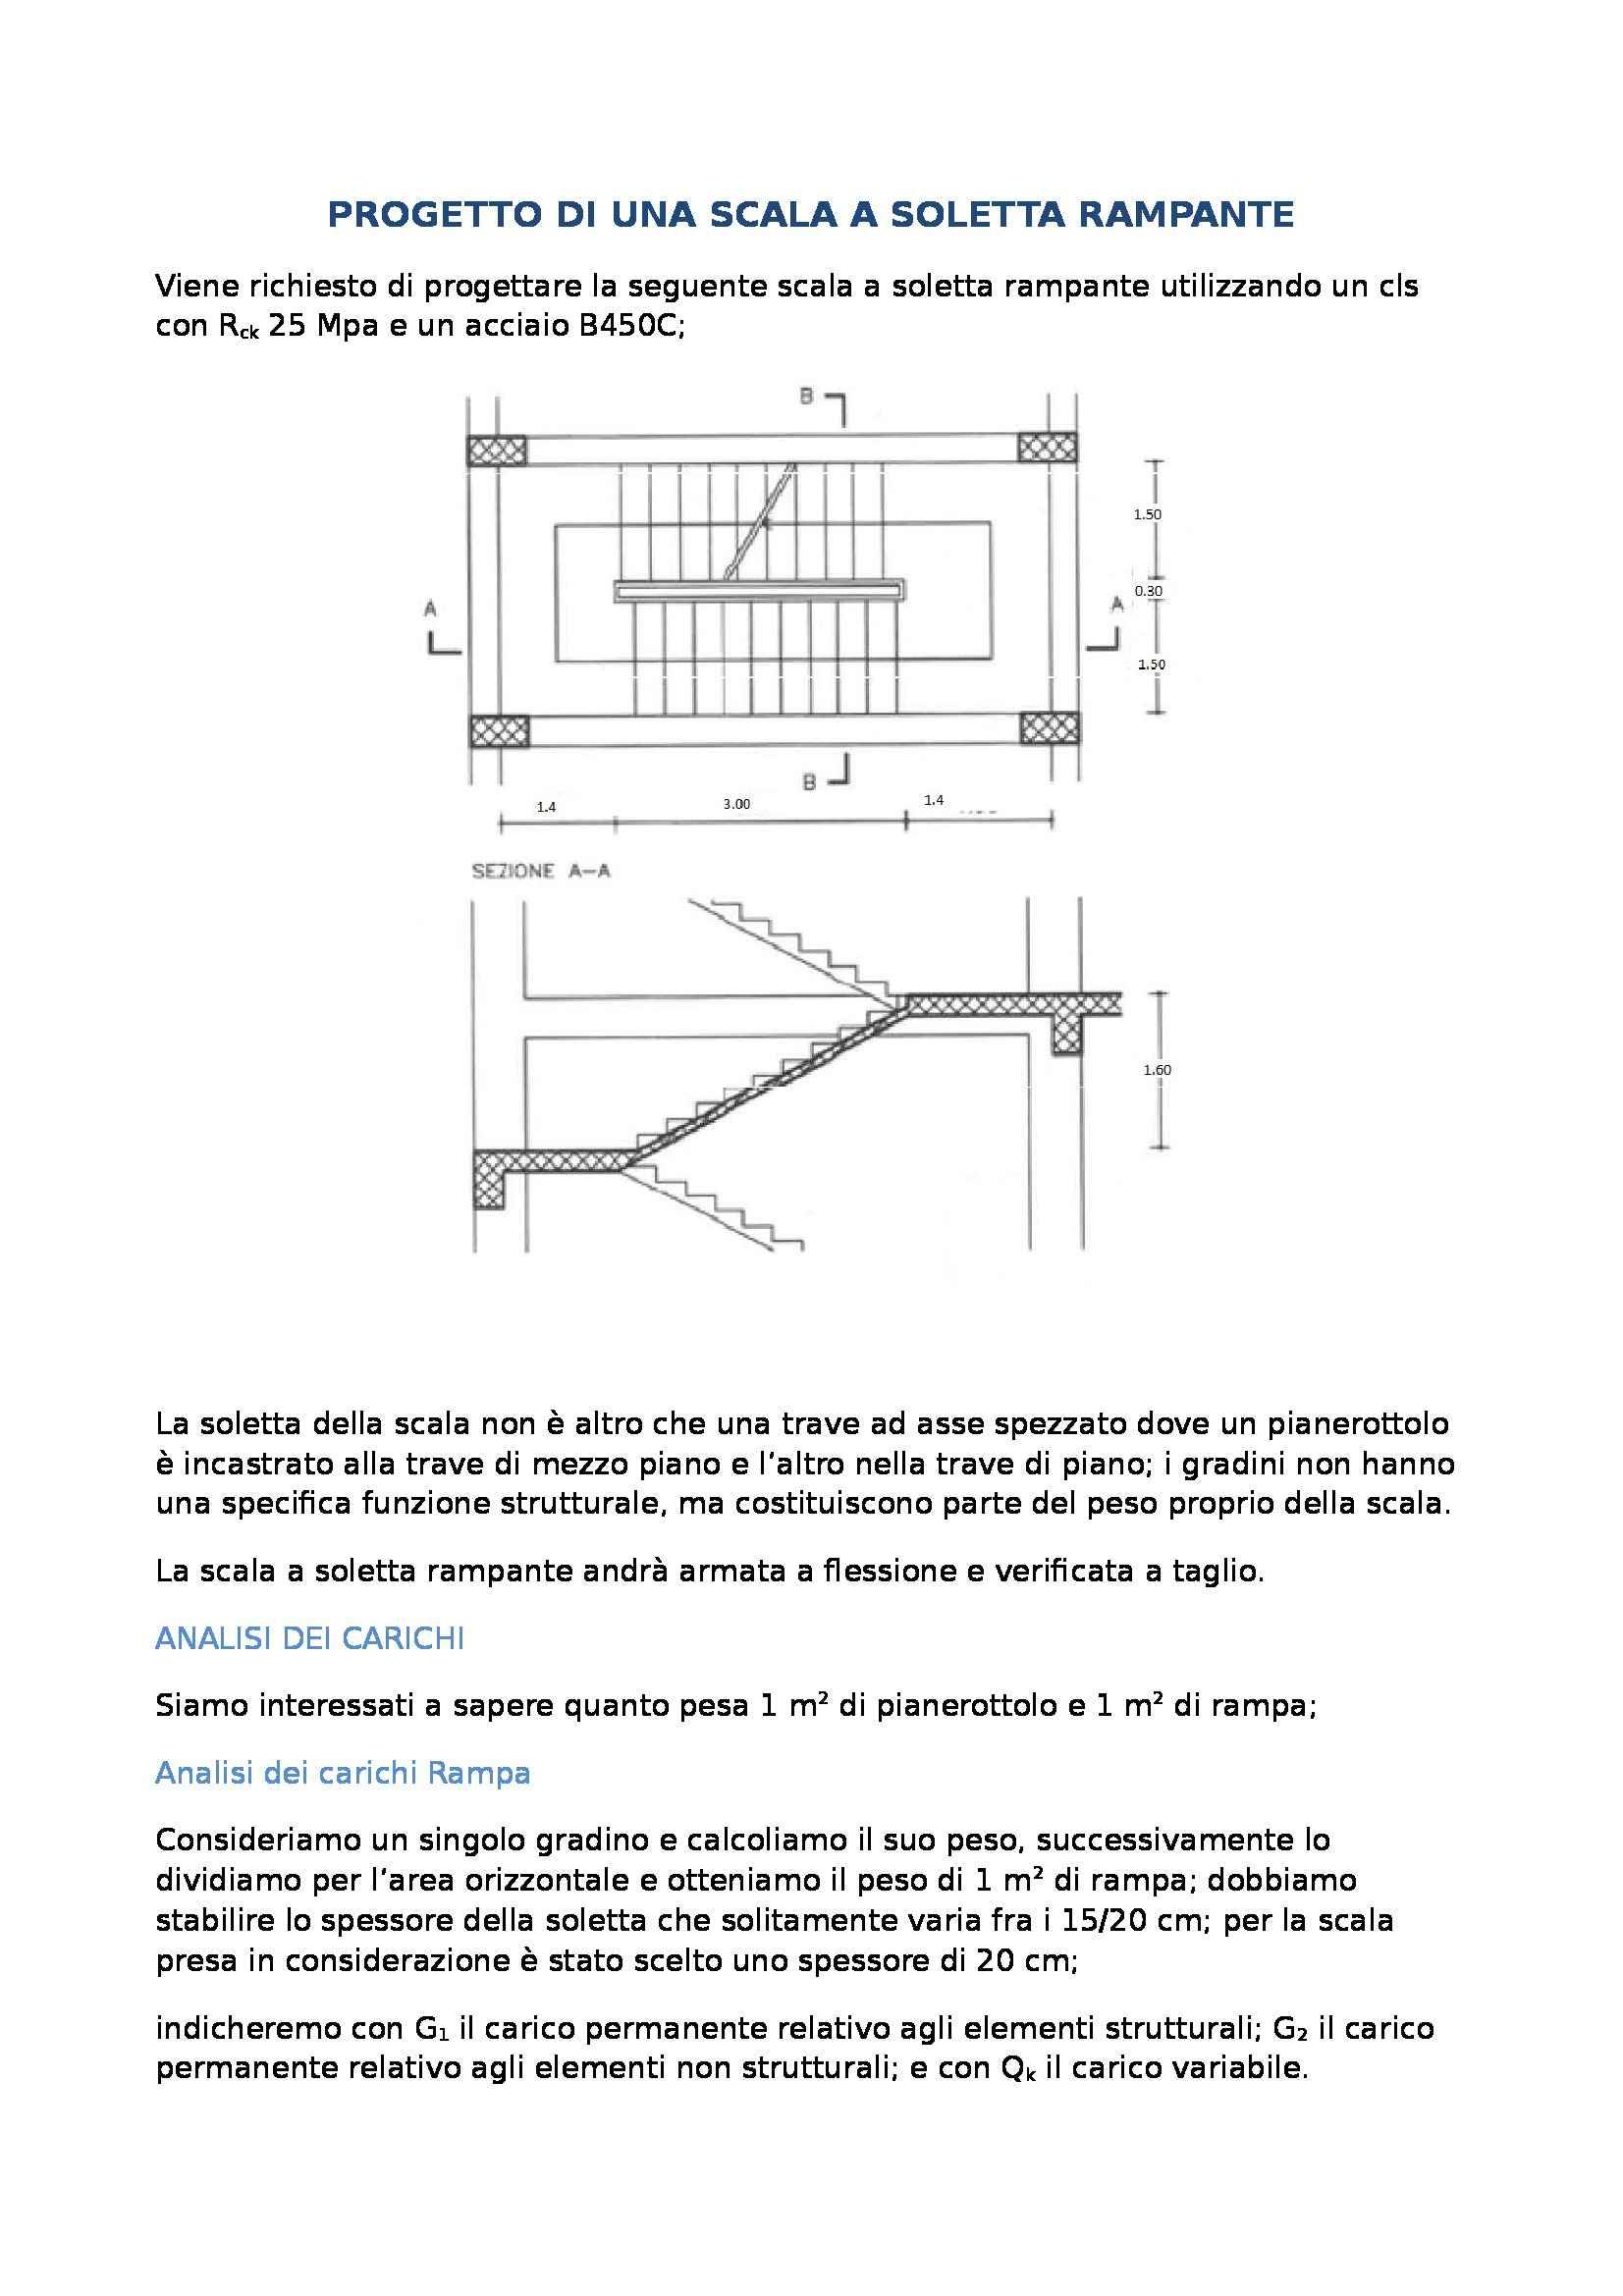 Tecnica delle costruzioni - progetto di una scala a soletta rampante